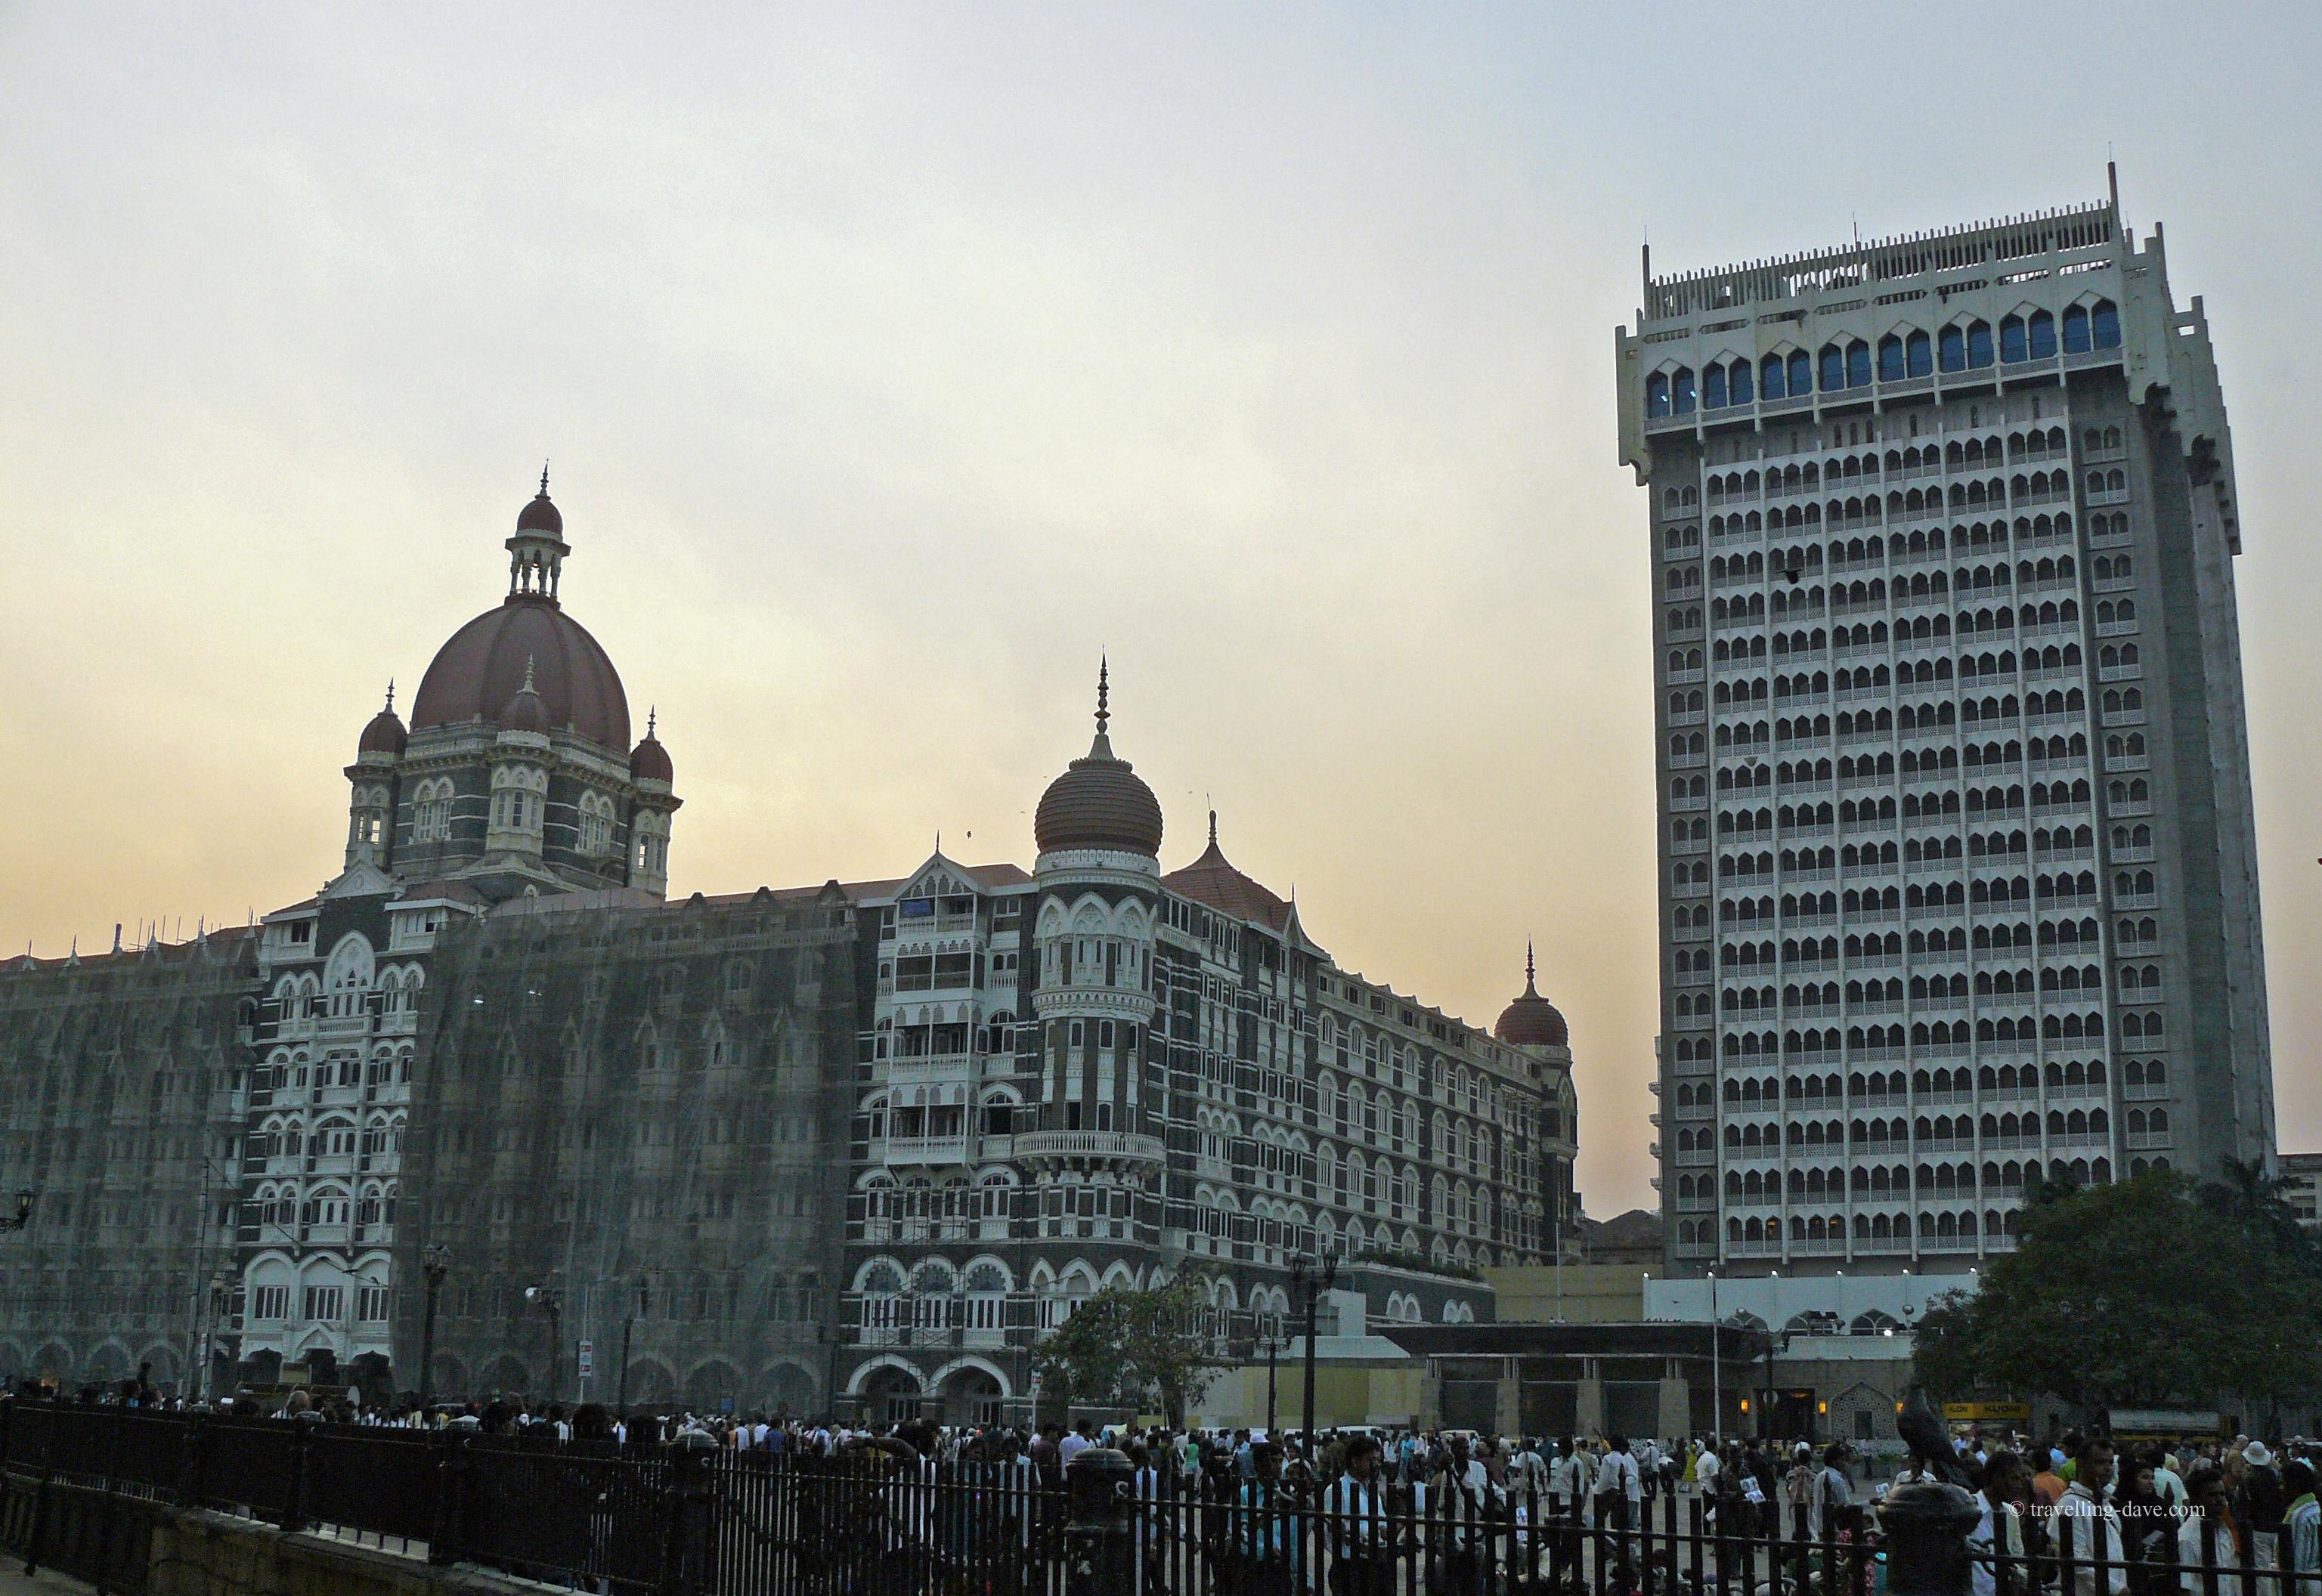 View of the Taj Mahal Palace Hotel in Mumbai